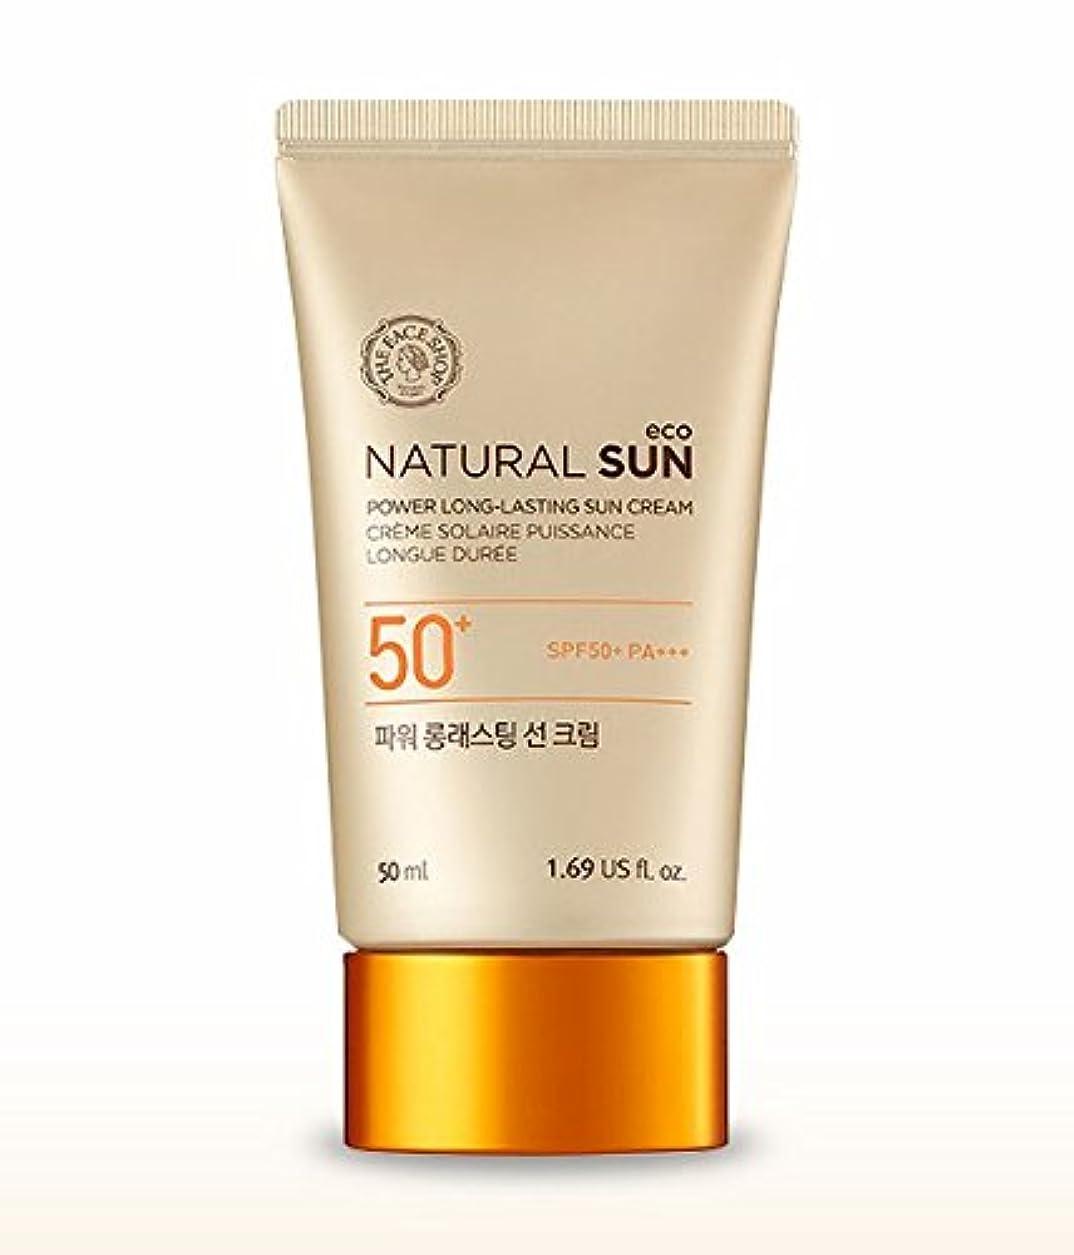 技術者無視できる左THE FACE SHOP Natural Sun Eco Power Long Lasting Sun Cream 50mlザフェイスショップ ナチュラルサンパワーロングラスティングサンクリーム [並行輸入品]